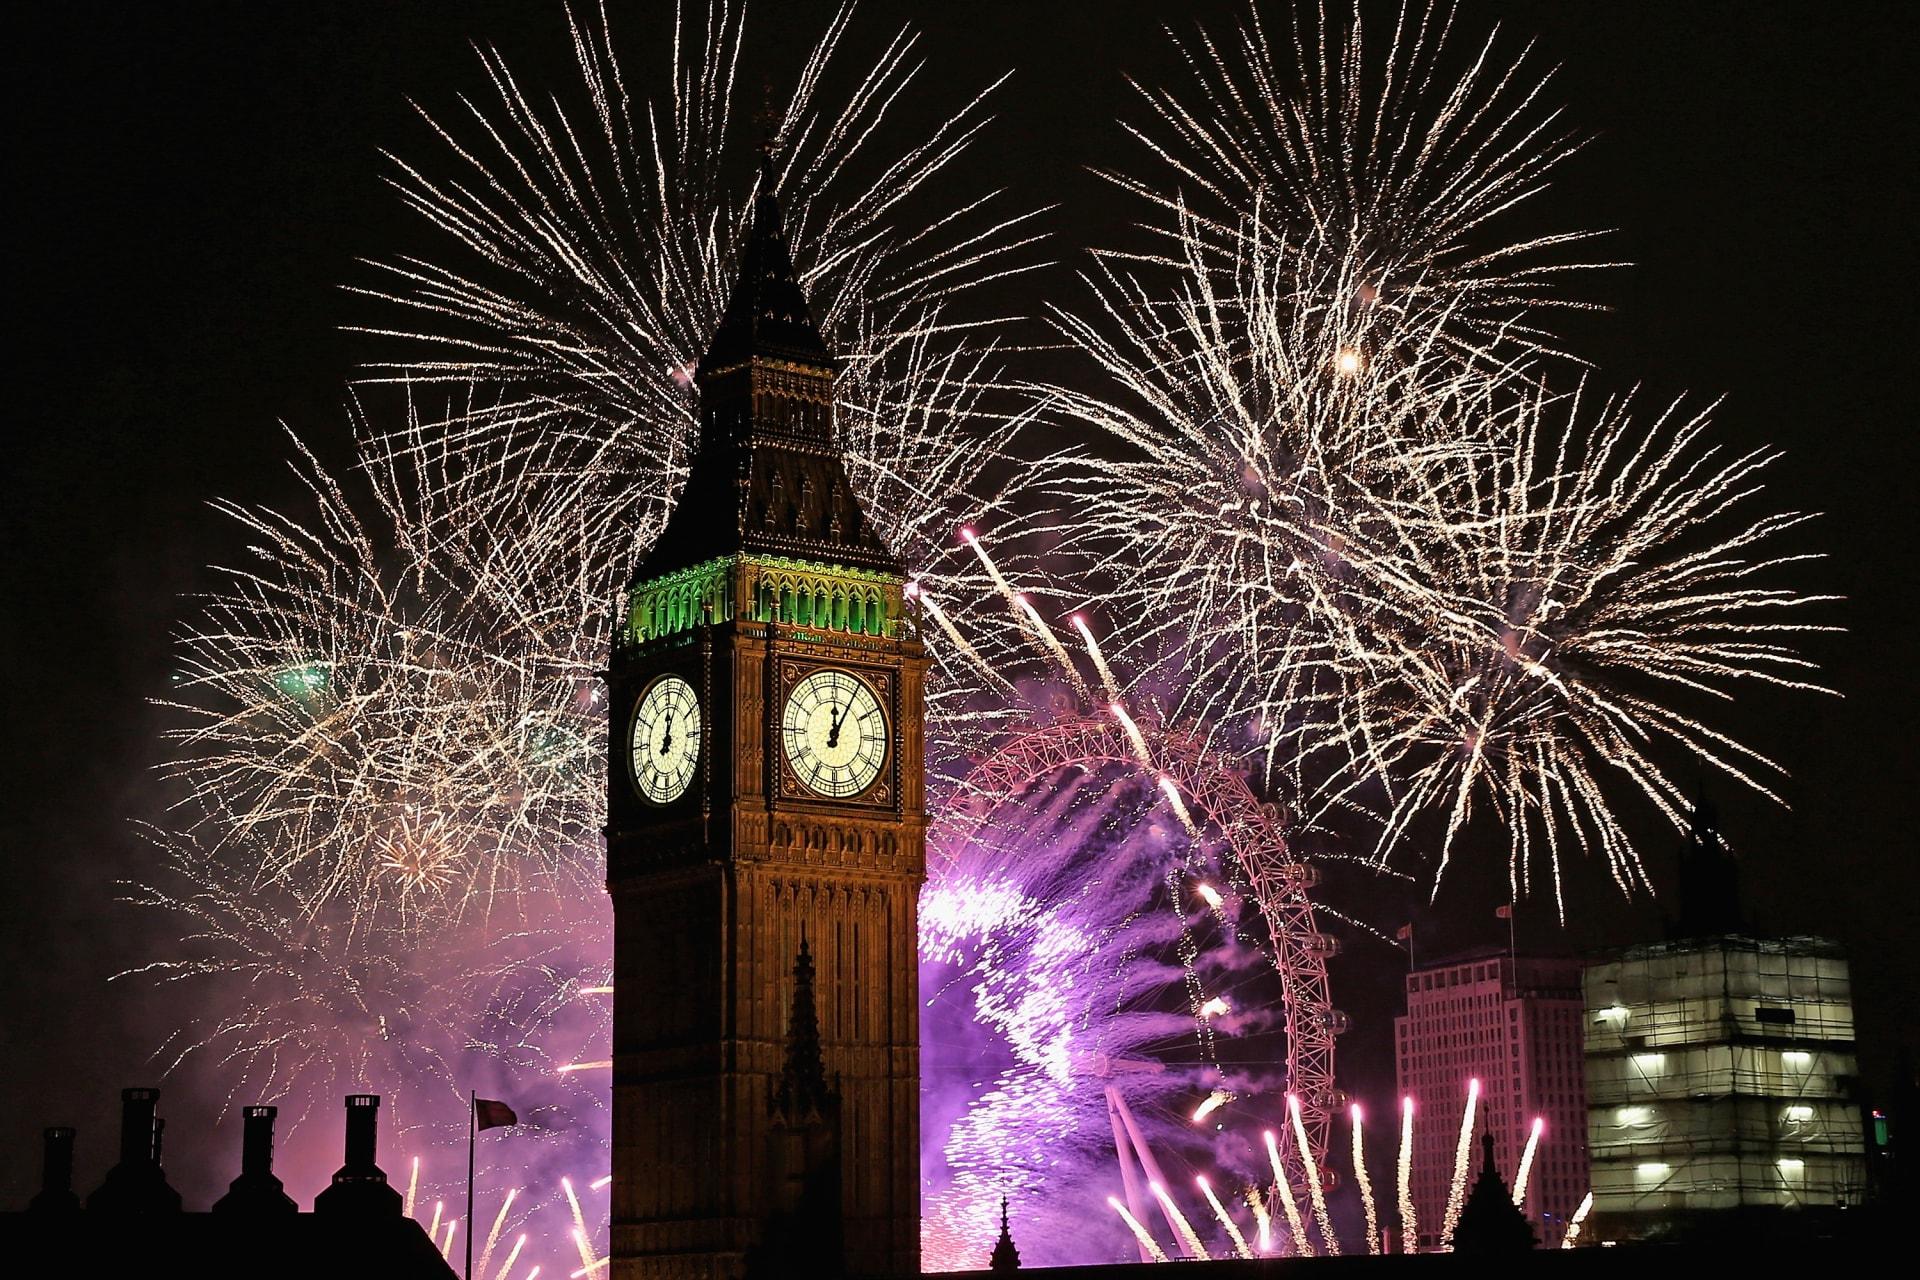 هل تحلم بزيارة لندن لكن تخشى غلاء أسعارها؟ الآن هو الوقت الأنسب